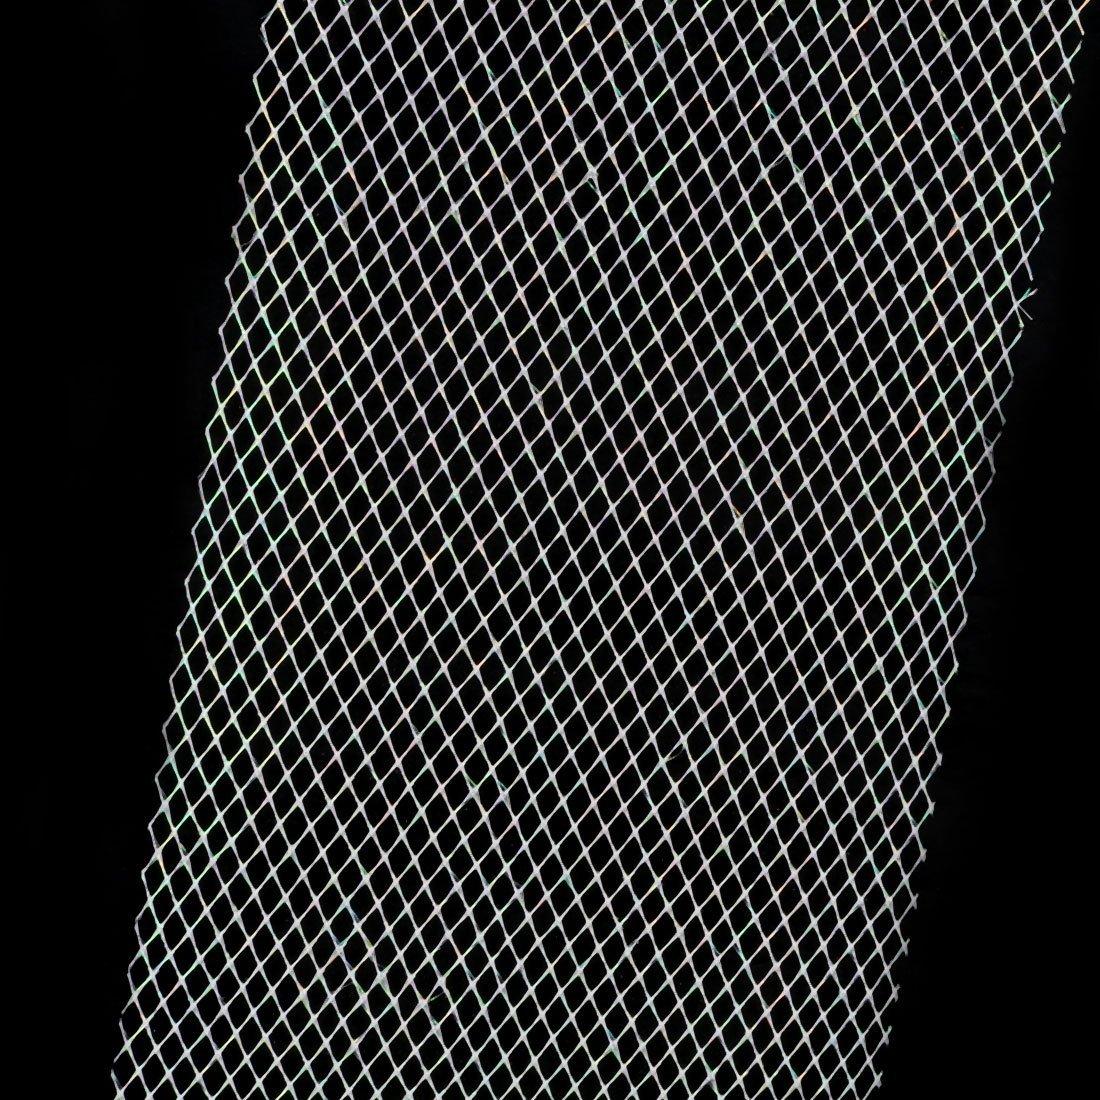 Amazon.com: eDealMax poliéster Novia Velo de Novia Vestido de tul Decoración completa del carrete del Rollo DE 6 pulgadas x 10 yardas Blanca: Health ...